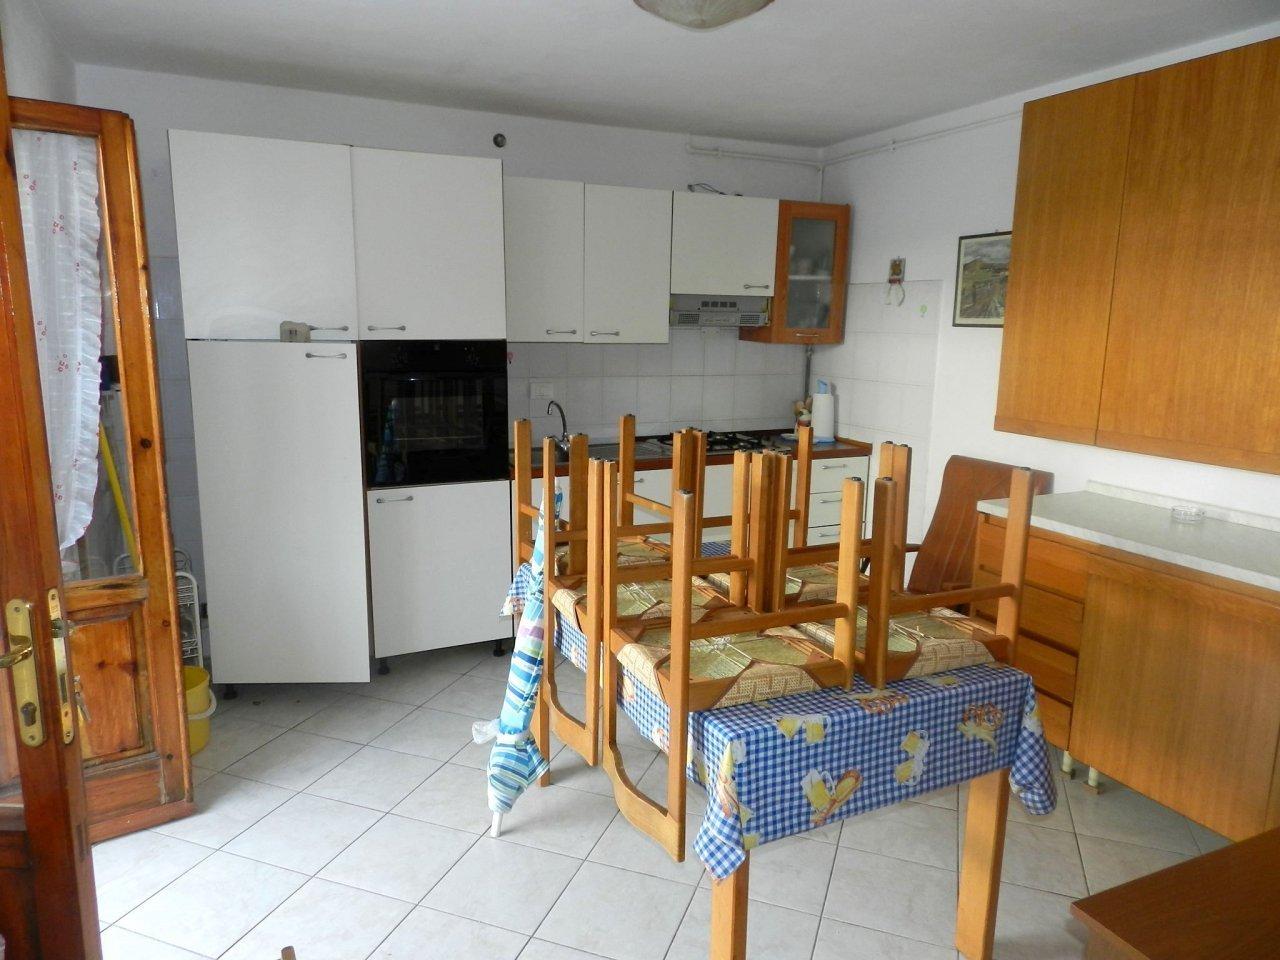 esterno-APPARTAMENTO INDIPENDENTE-in-vendita-zona mare Rosignano-R0902